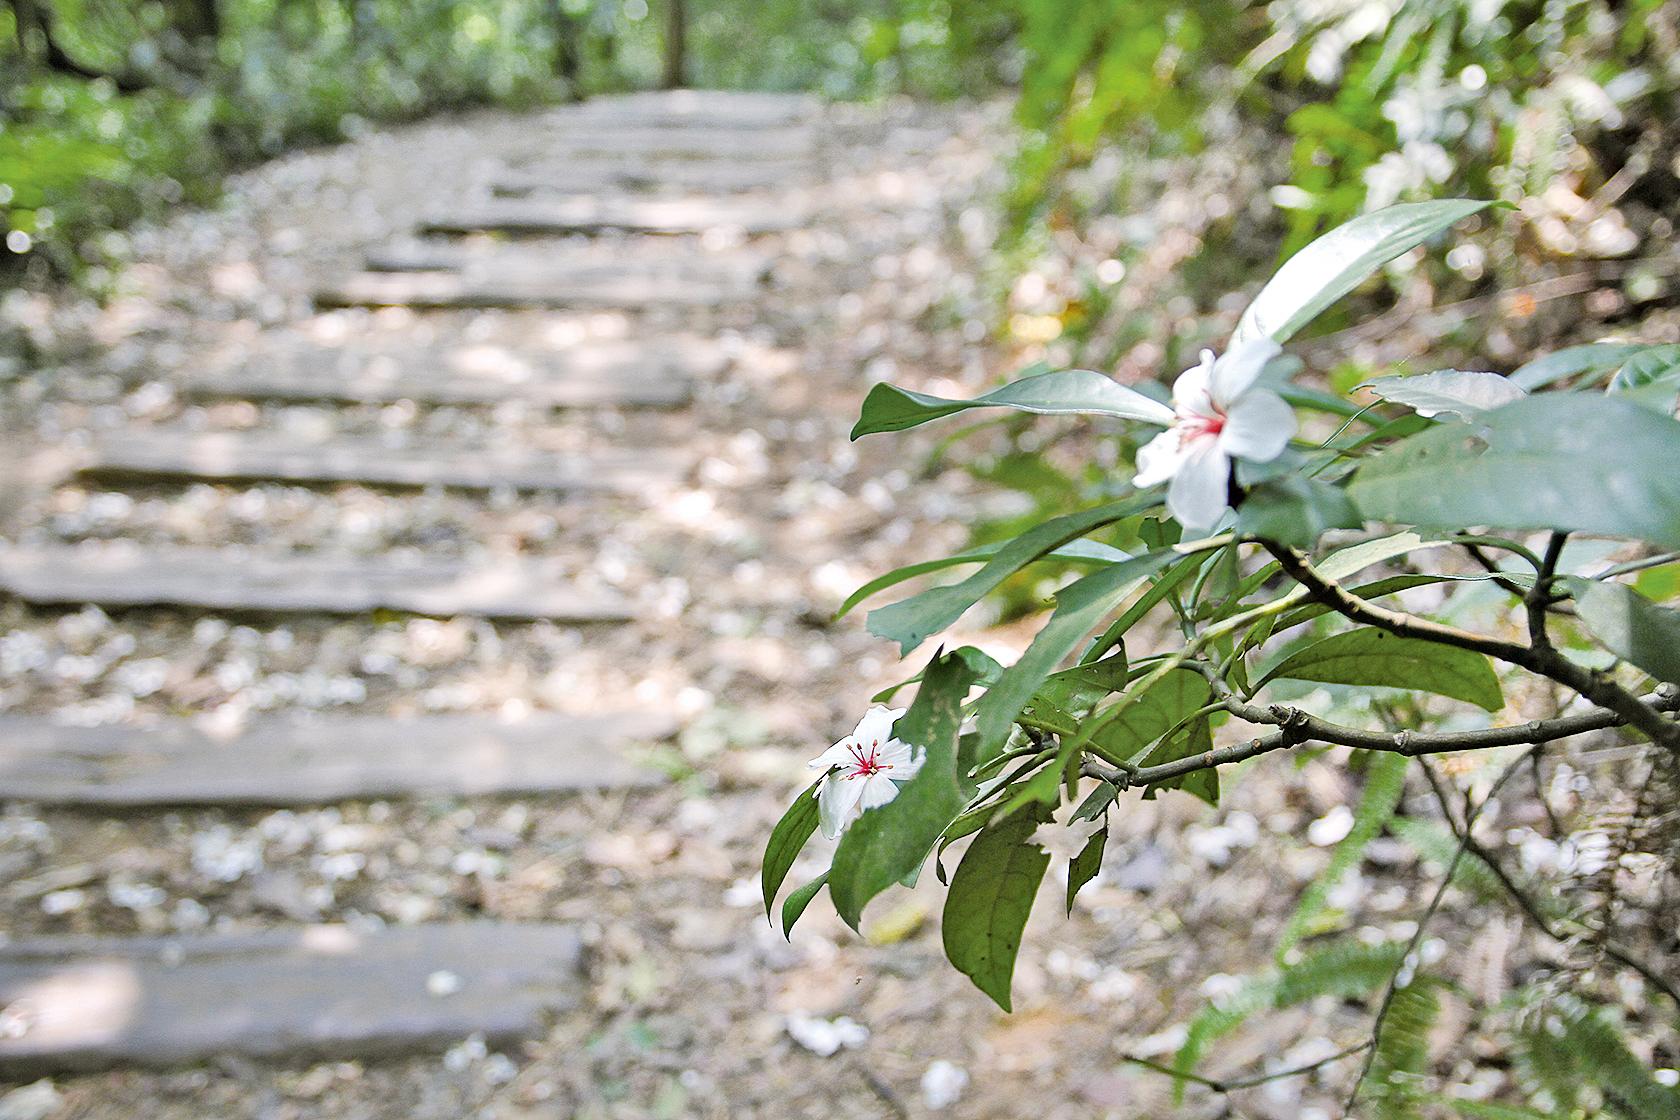 滿山遍野的油桐花,為翠綠色的客庄山頭增添一抹白靄靄的色彩 (苗栗縣府)